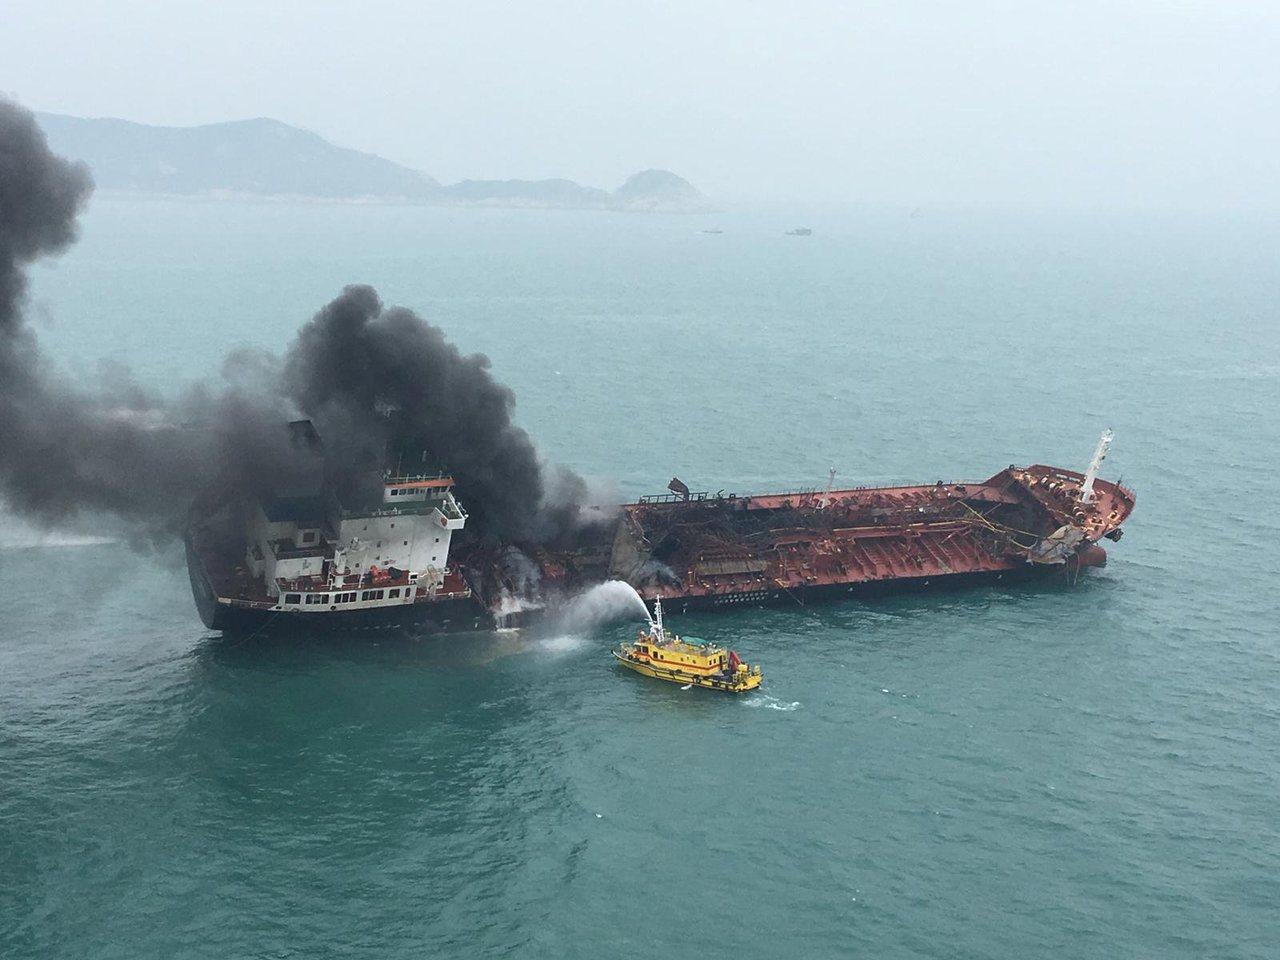 一艘途經南丫島的貨輪,於海面與連接躉船入油引起失火爆炸。 路透社